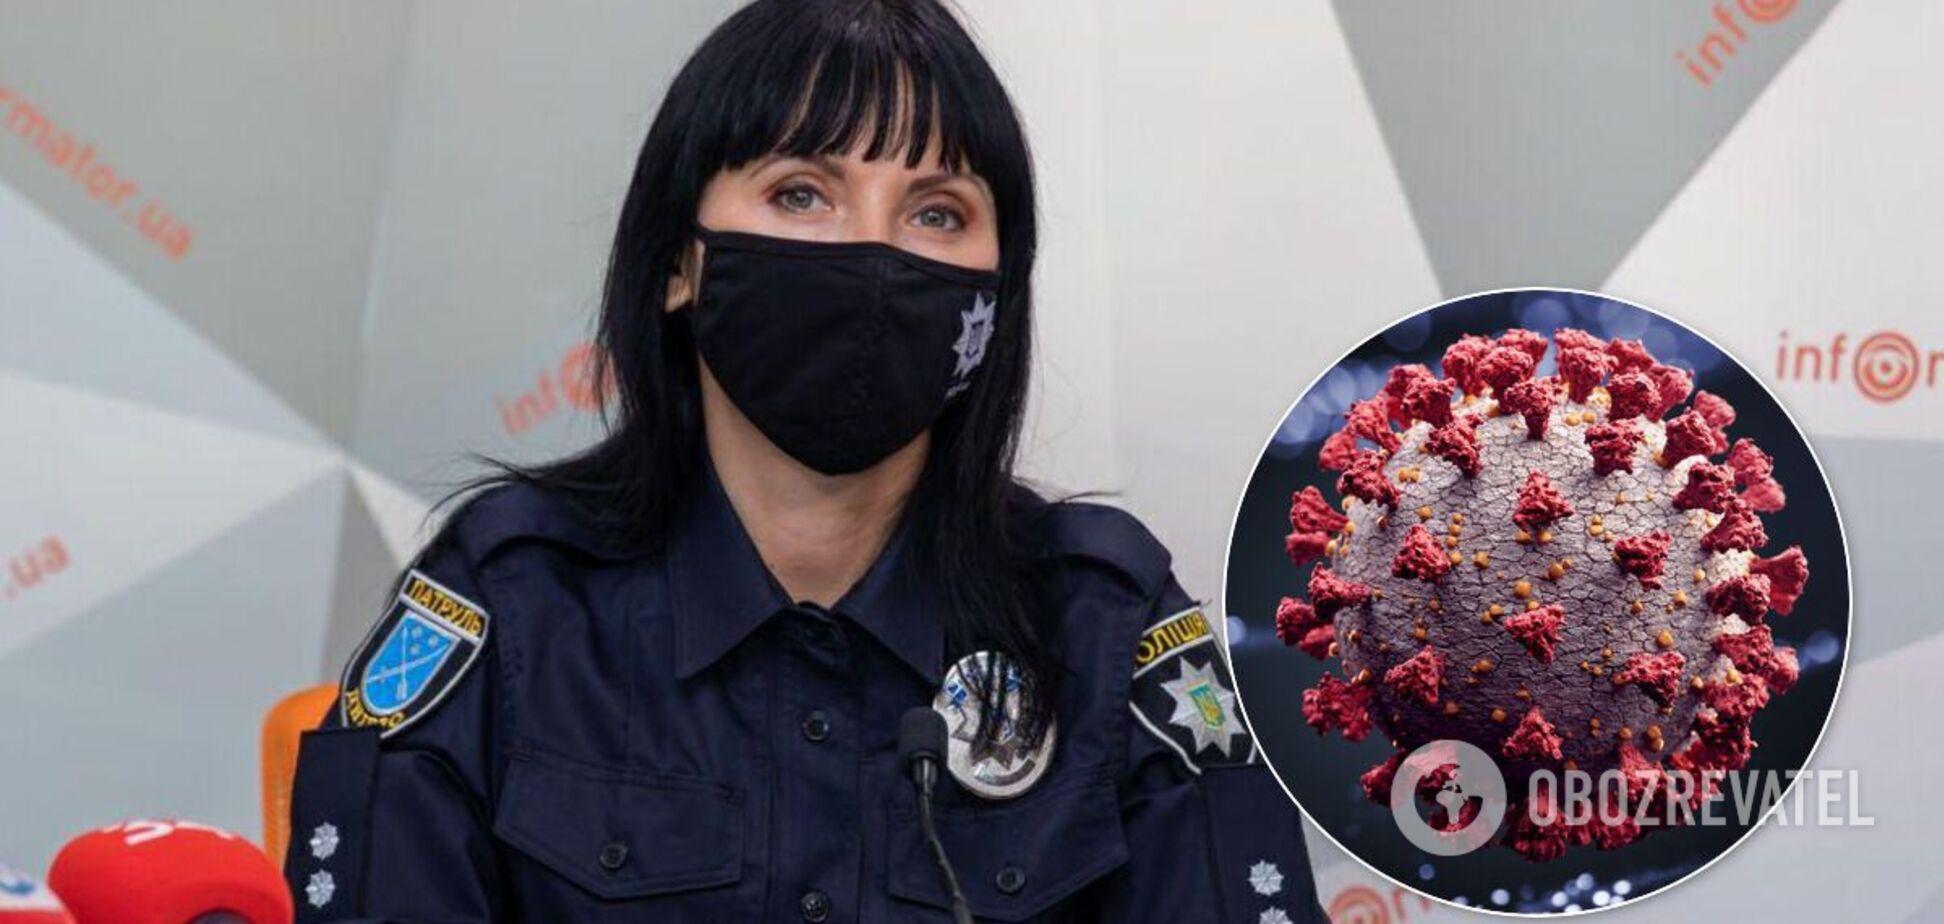 Людмила Копиленко розповіла про безпорадність хворих COVID-19